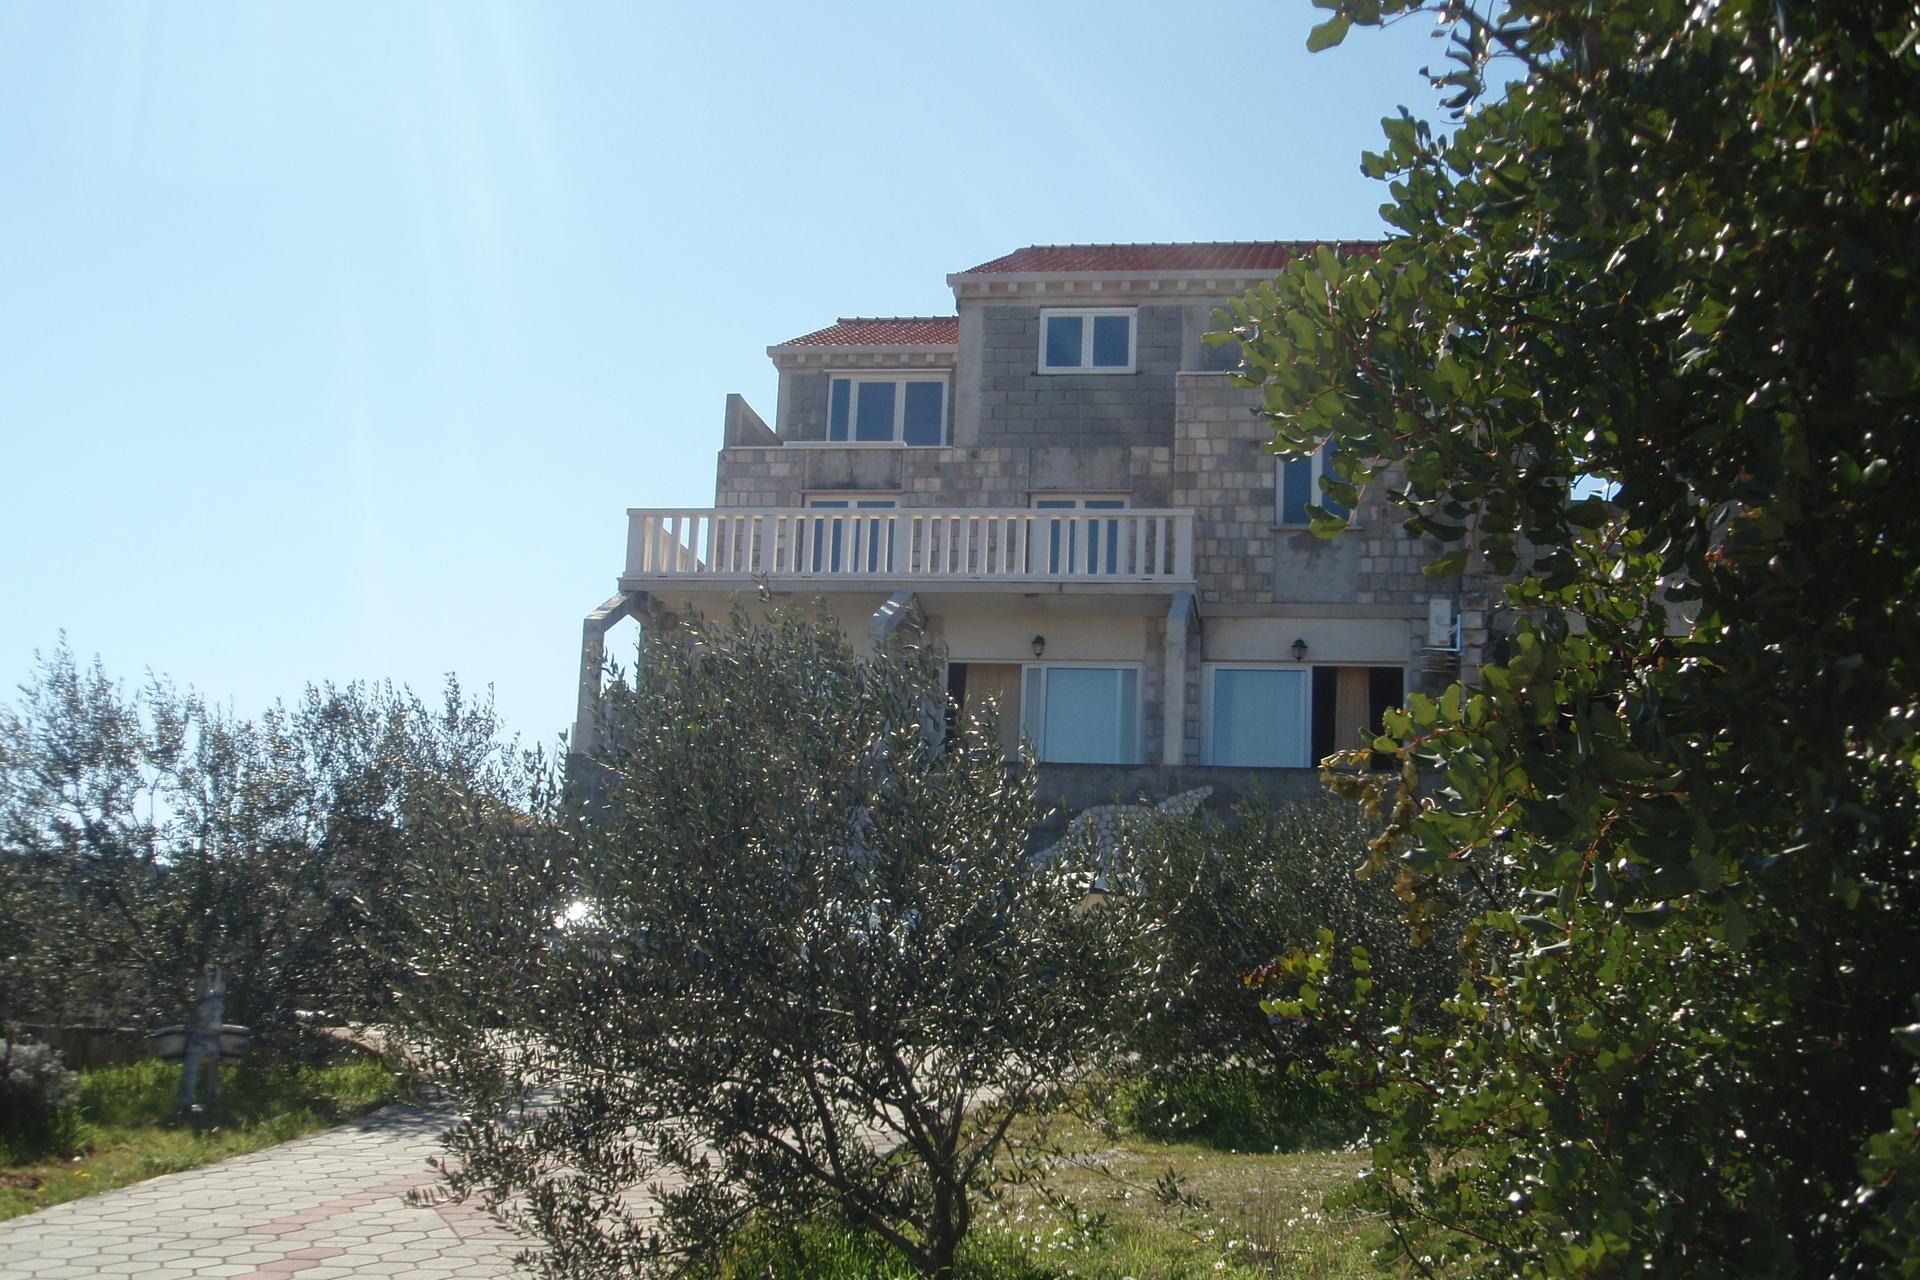 House no. 46